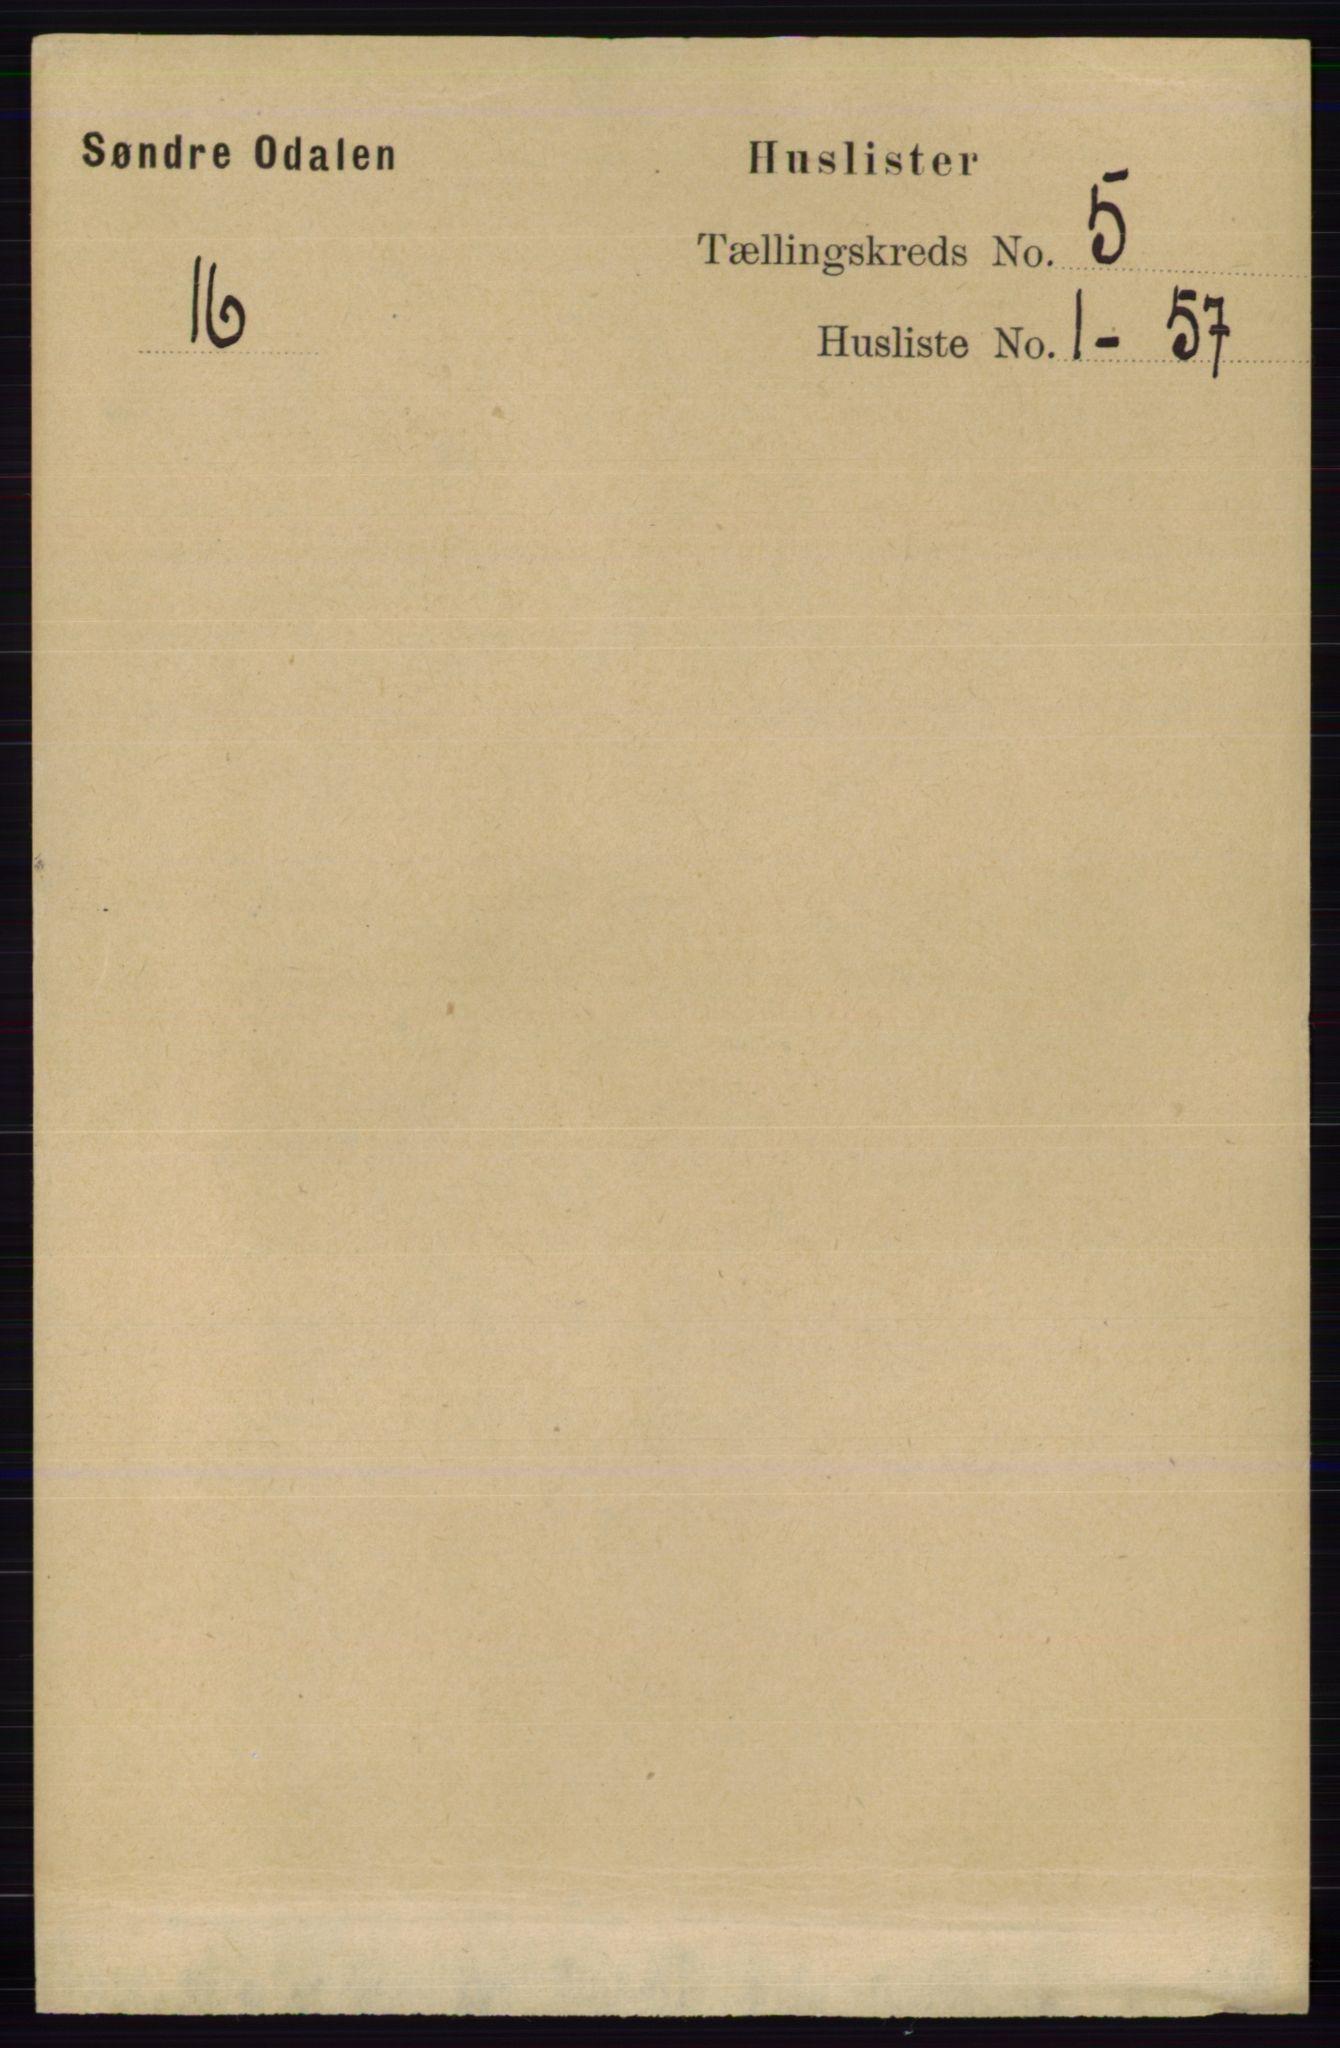 RA, Folketelling 1891 for 0419 Sør-Odal herred, 1891, s. 2269